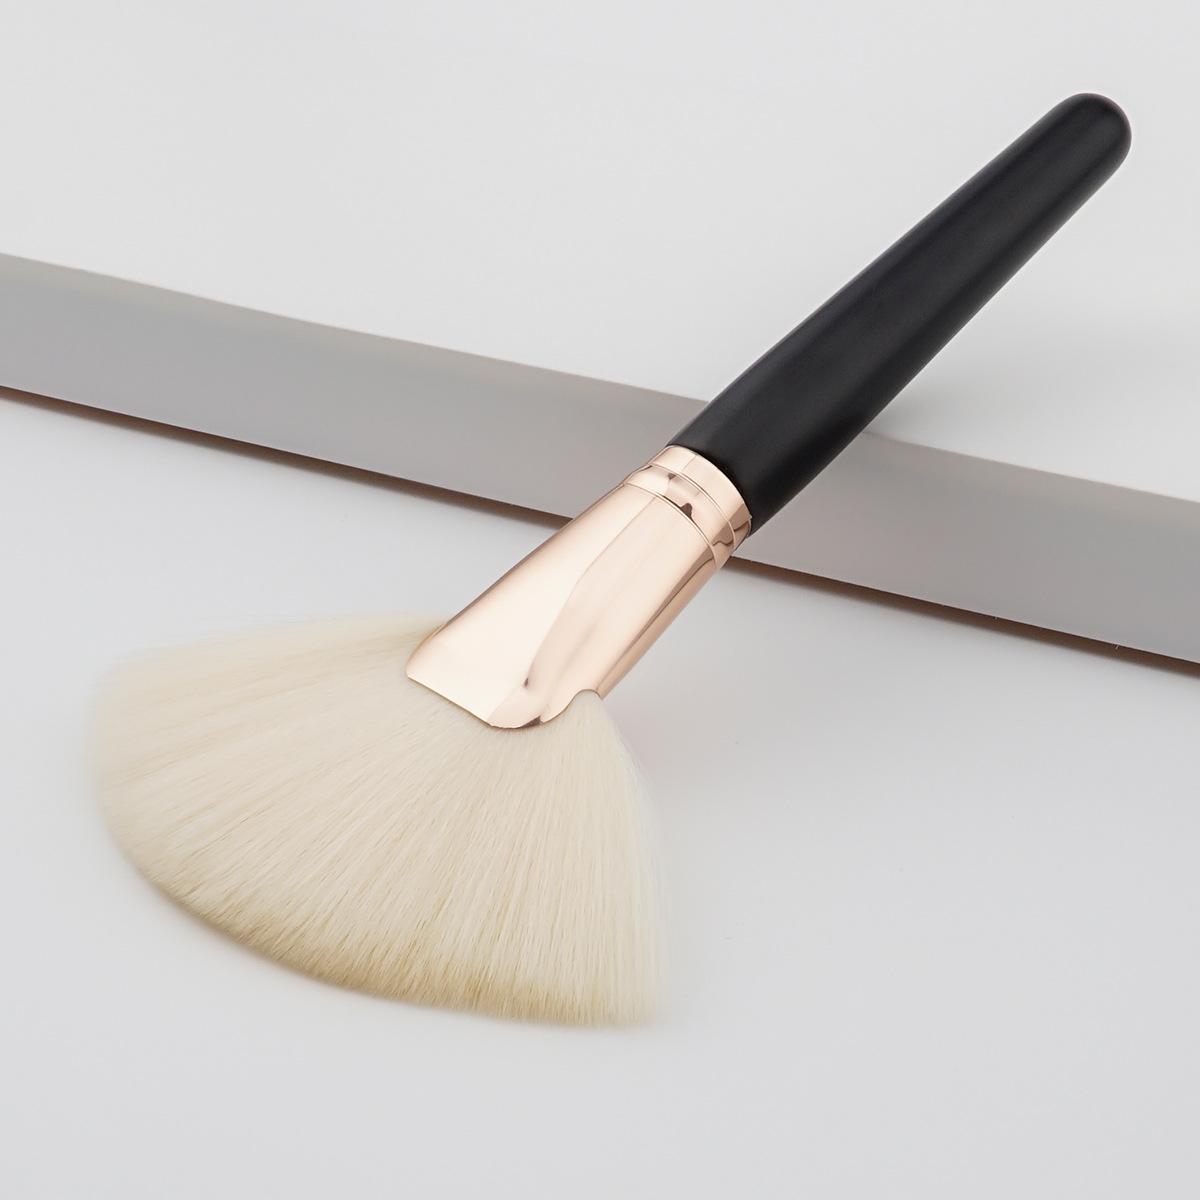 1 шт большой вентилятор макияж кисти черного дерева белый козий волос макияж инструмент Powder Blush Корректор Фундаментные инструменты красоты